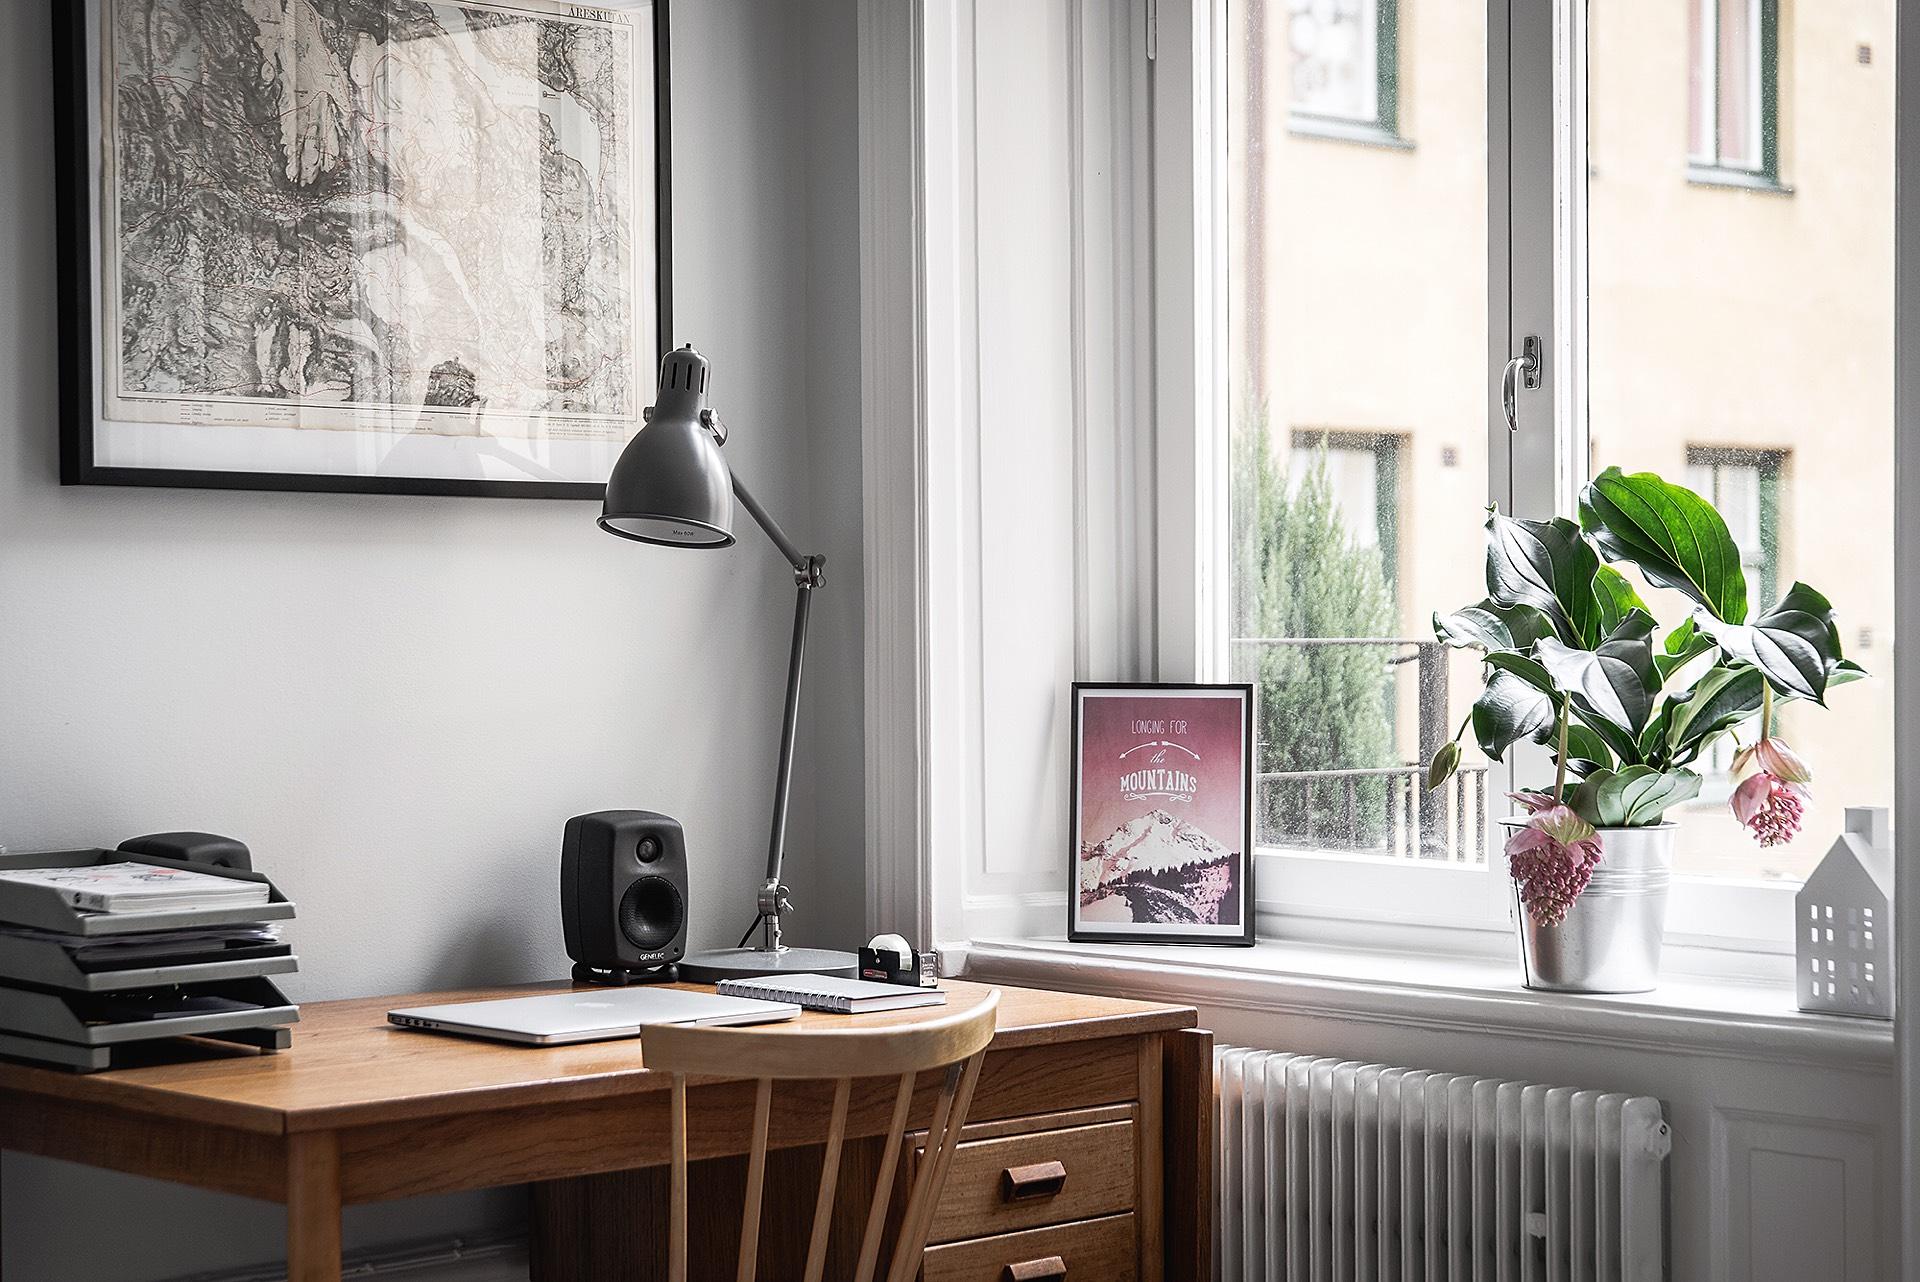 спальня окно откосы подоконник радиатор отопления рабочий стол лампа